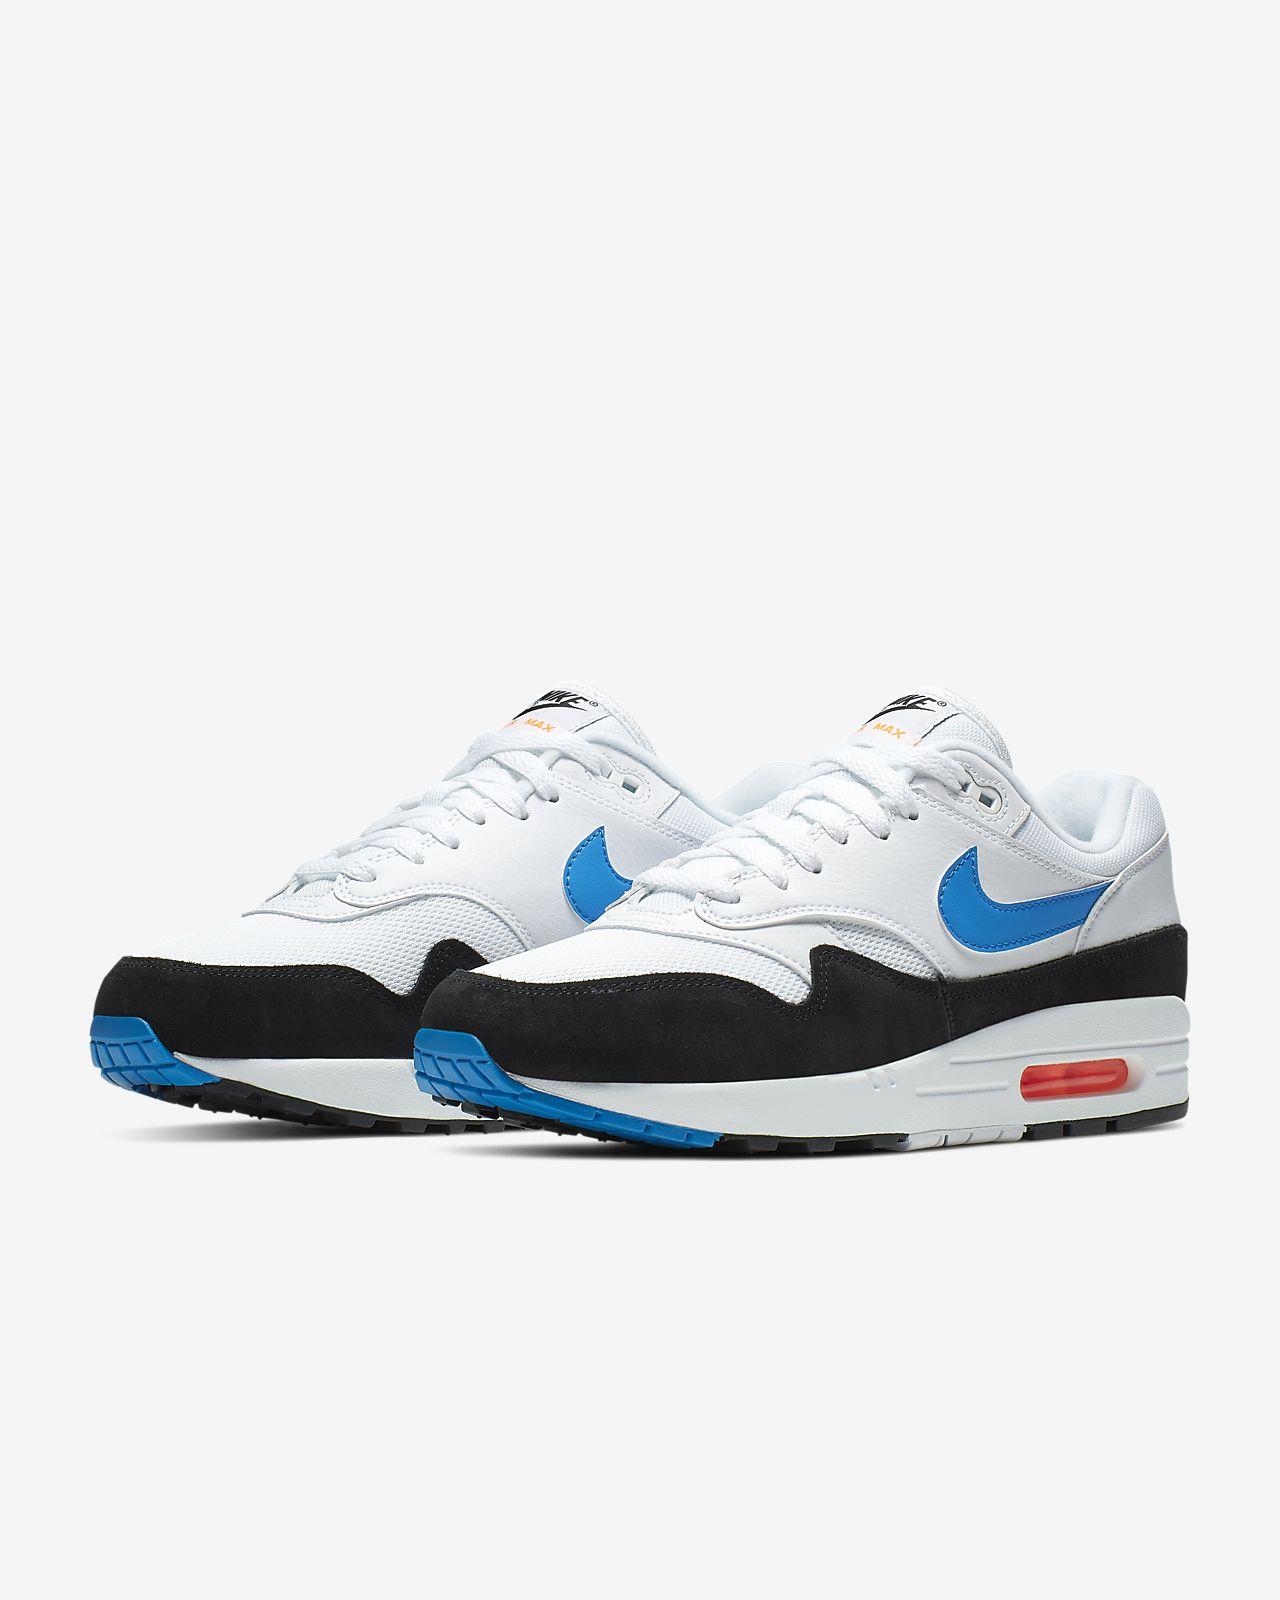 best service 97069 c0bcf ... Nike Air Max 1 Men s Shoe